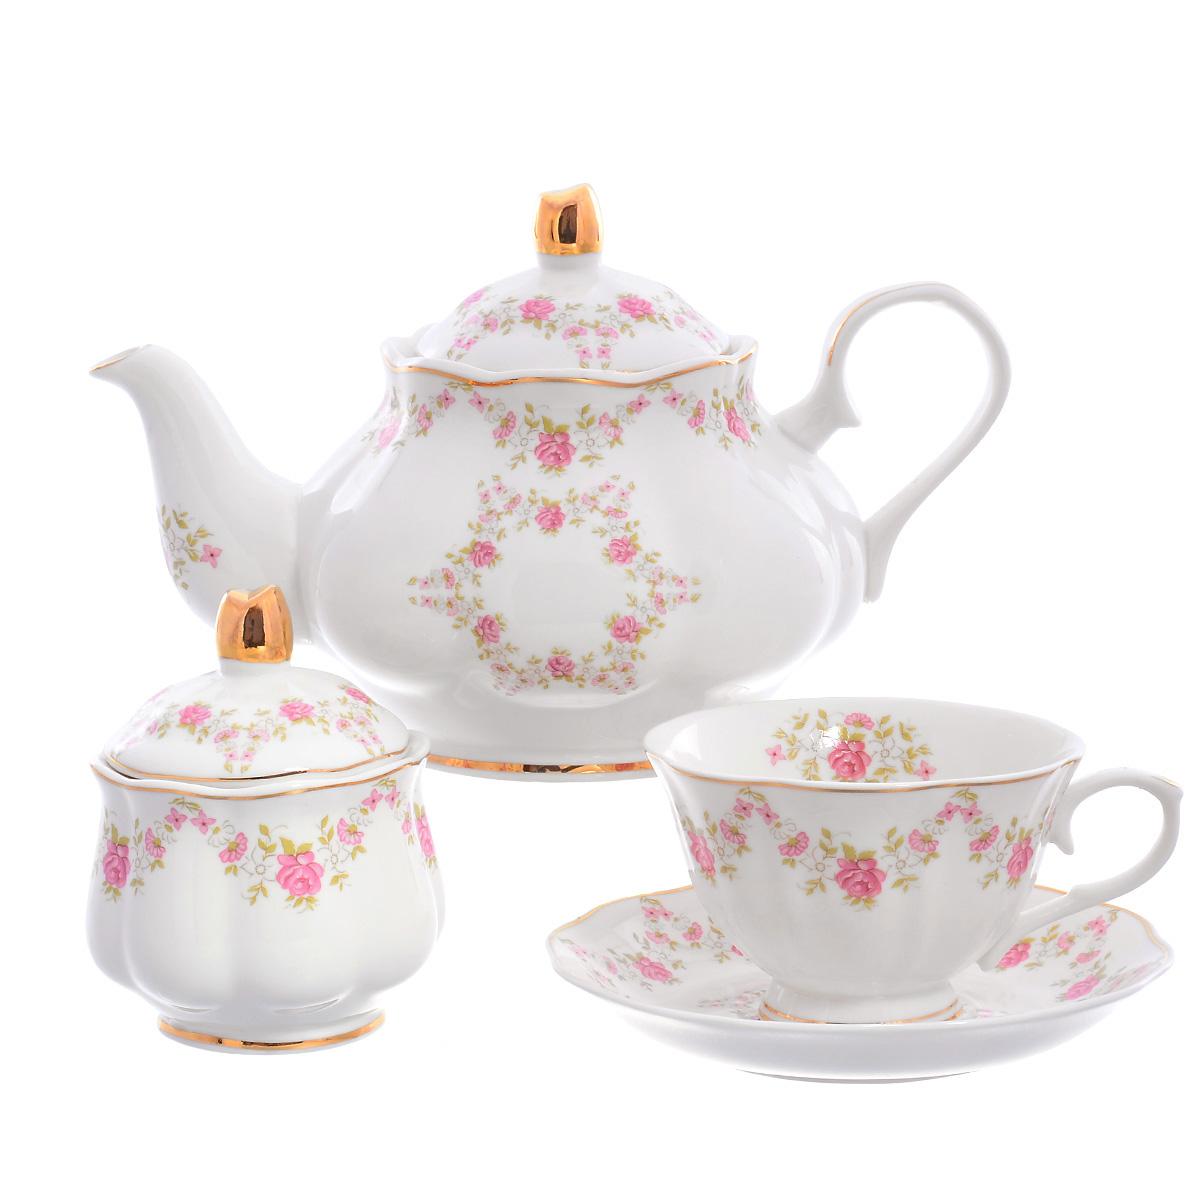 Чайный сервиз Royal Classics Huawei ceramics 14 предметов